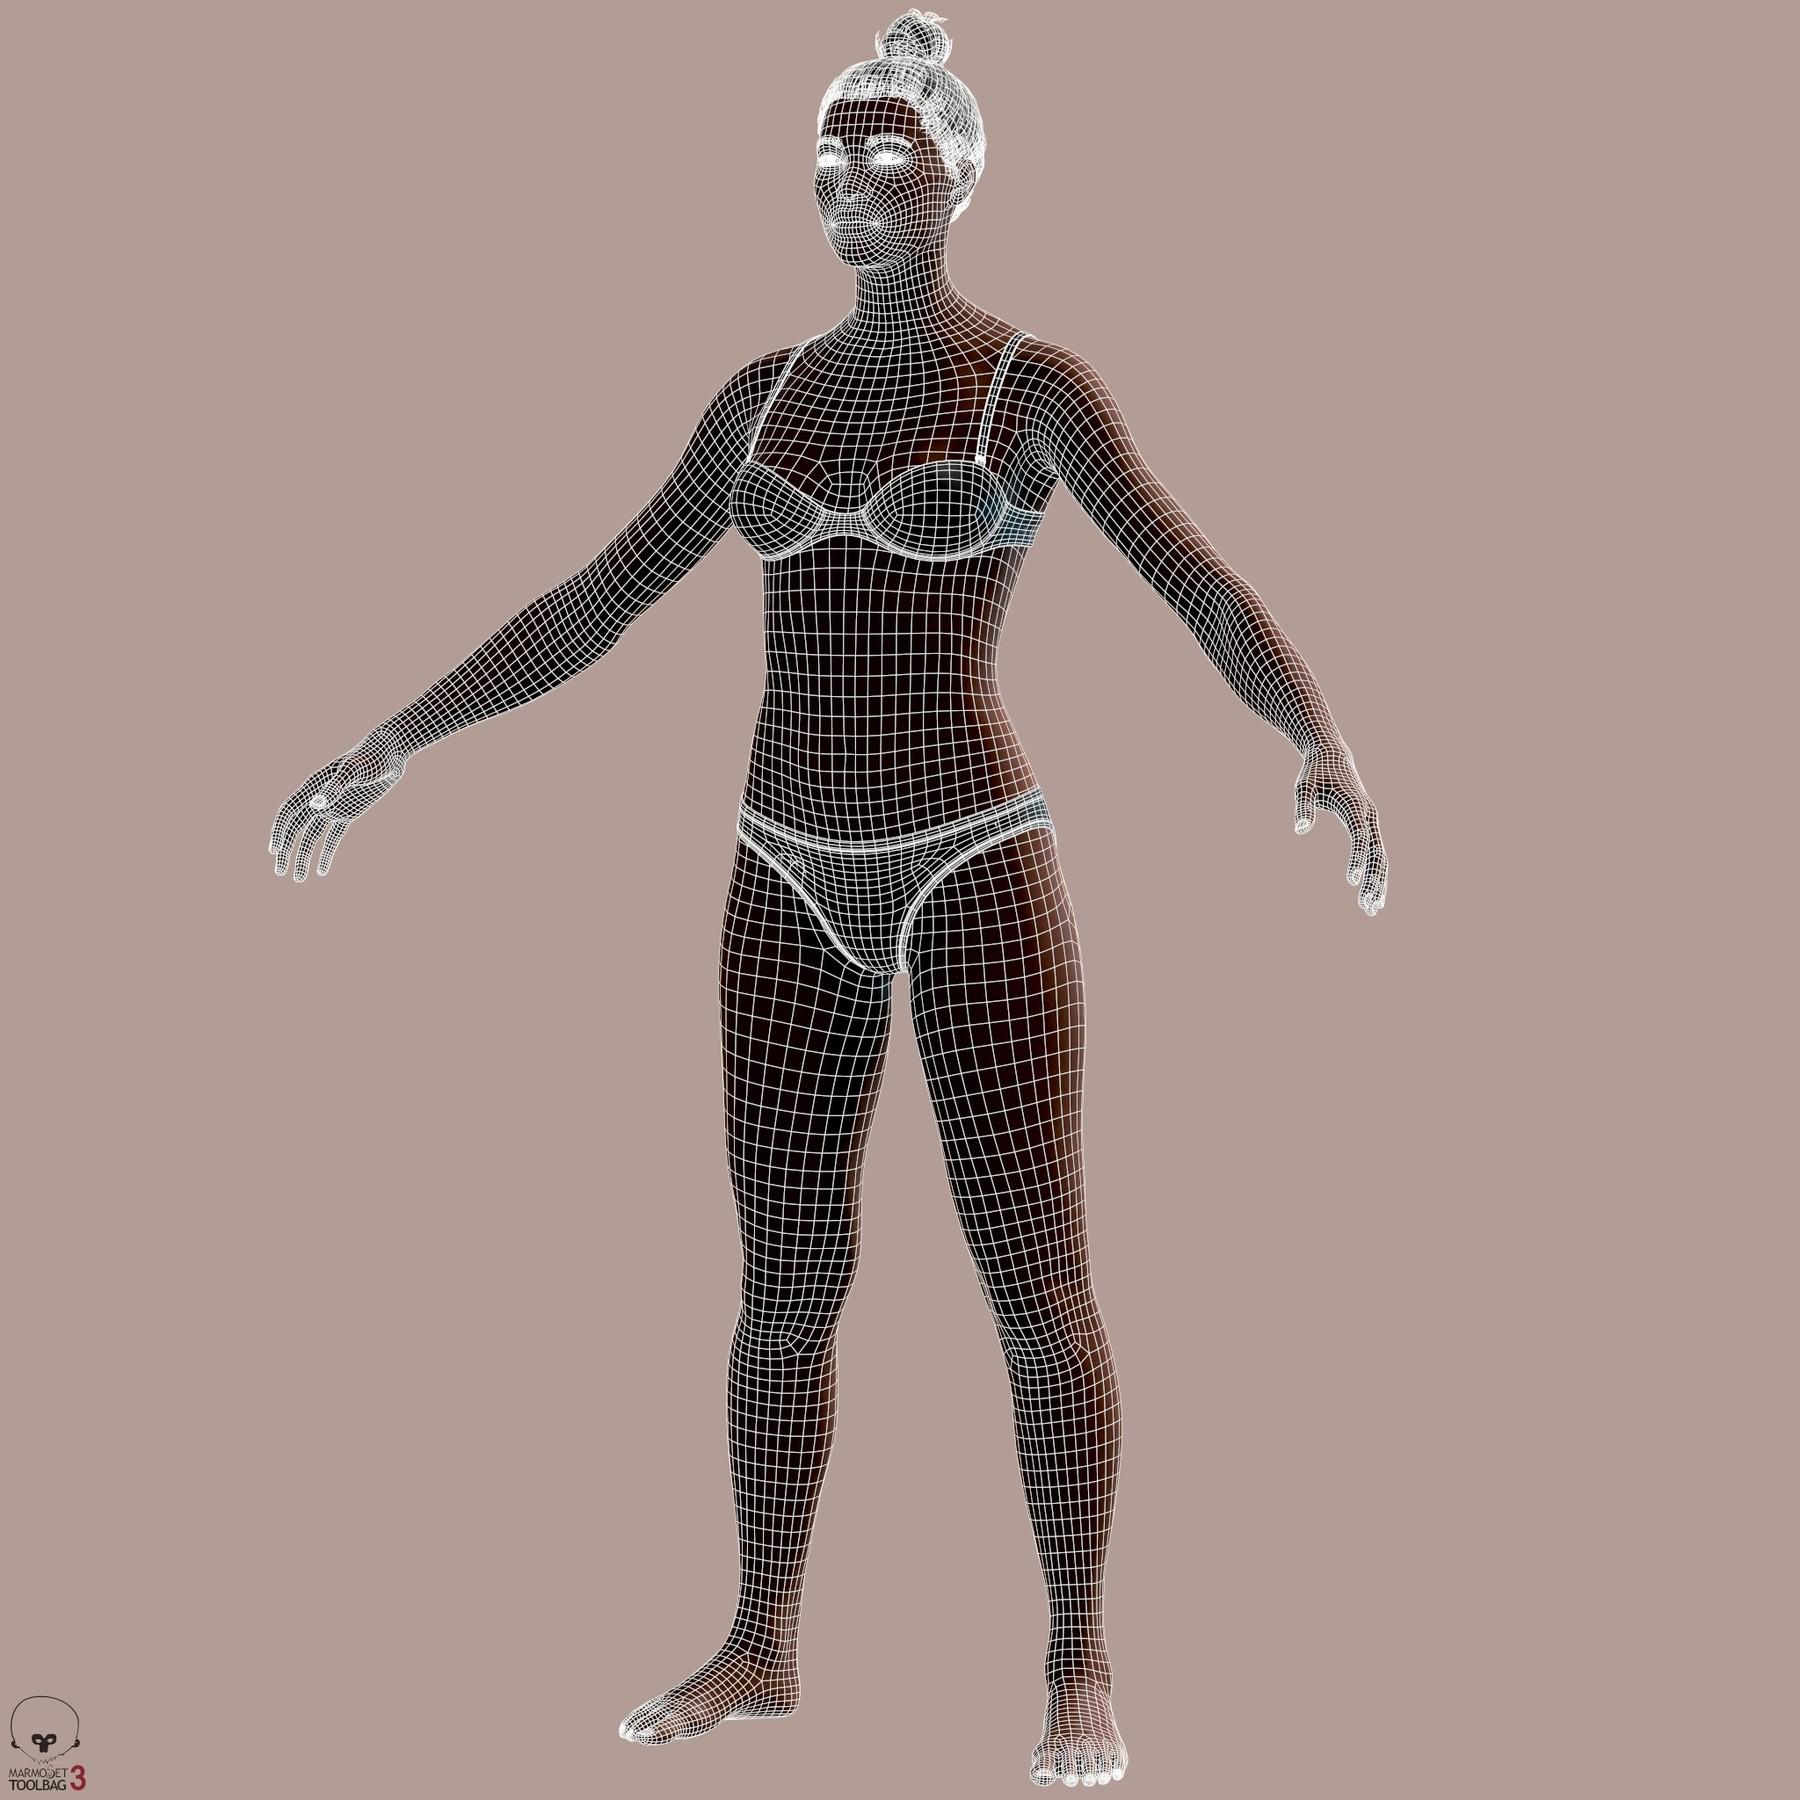 Averageblackfemalebody by alexlashko wires 01